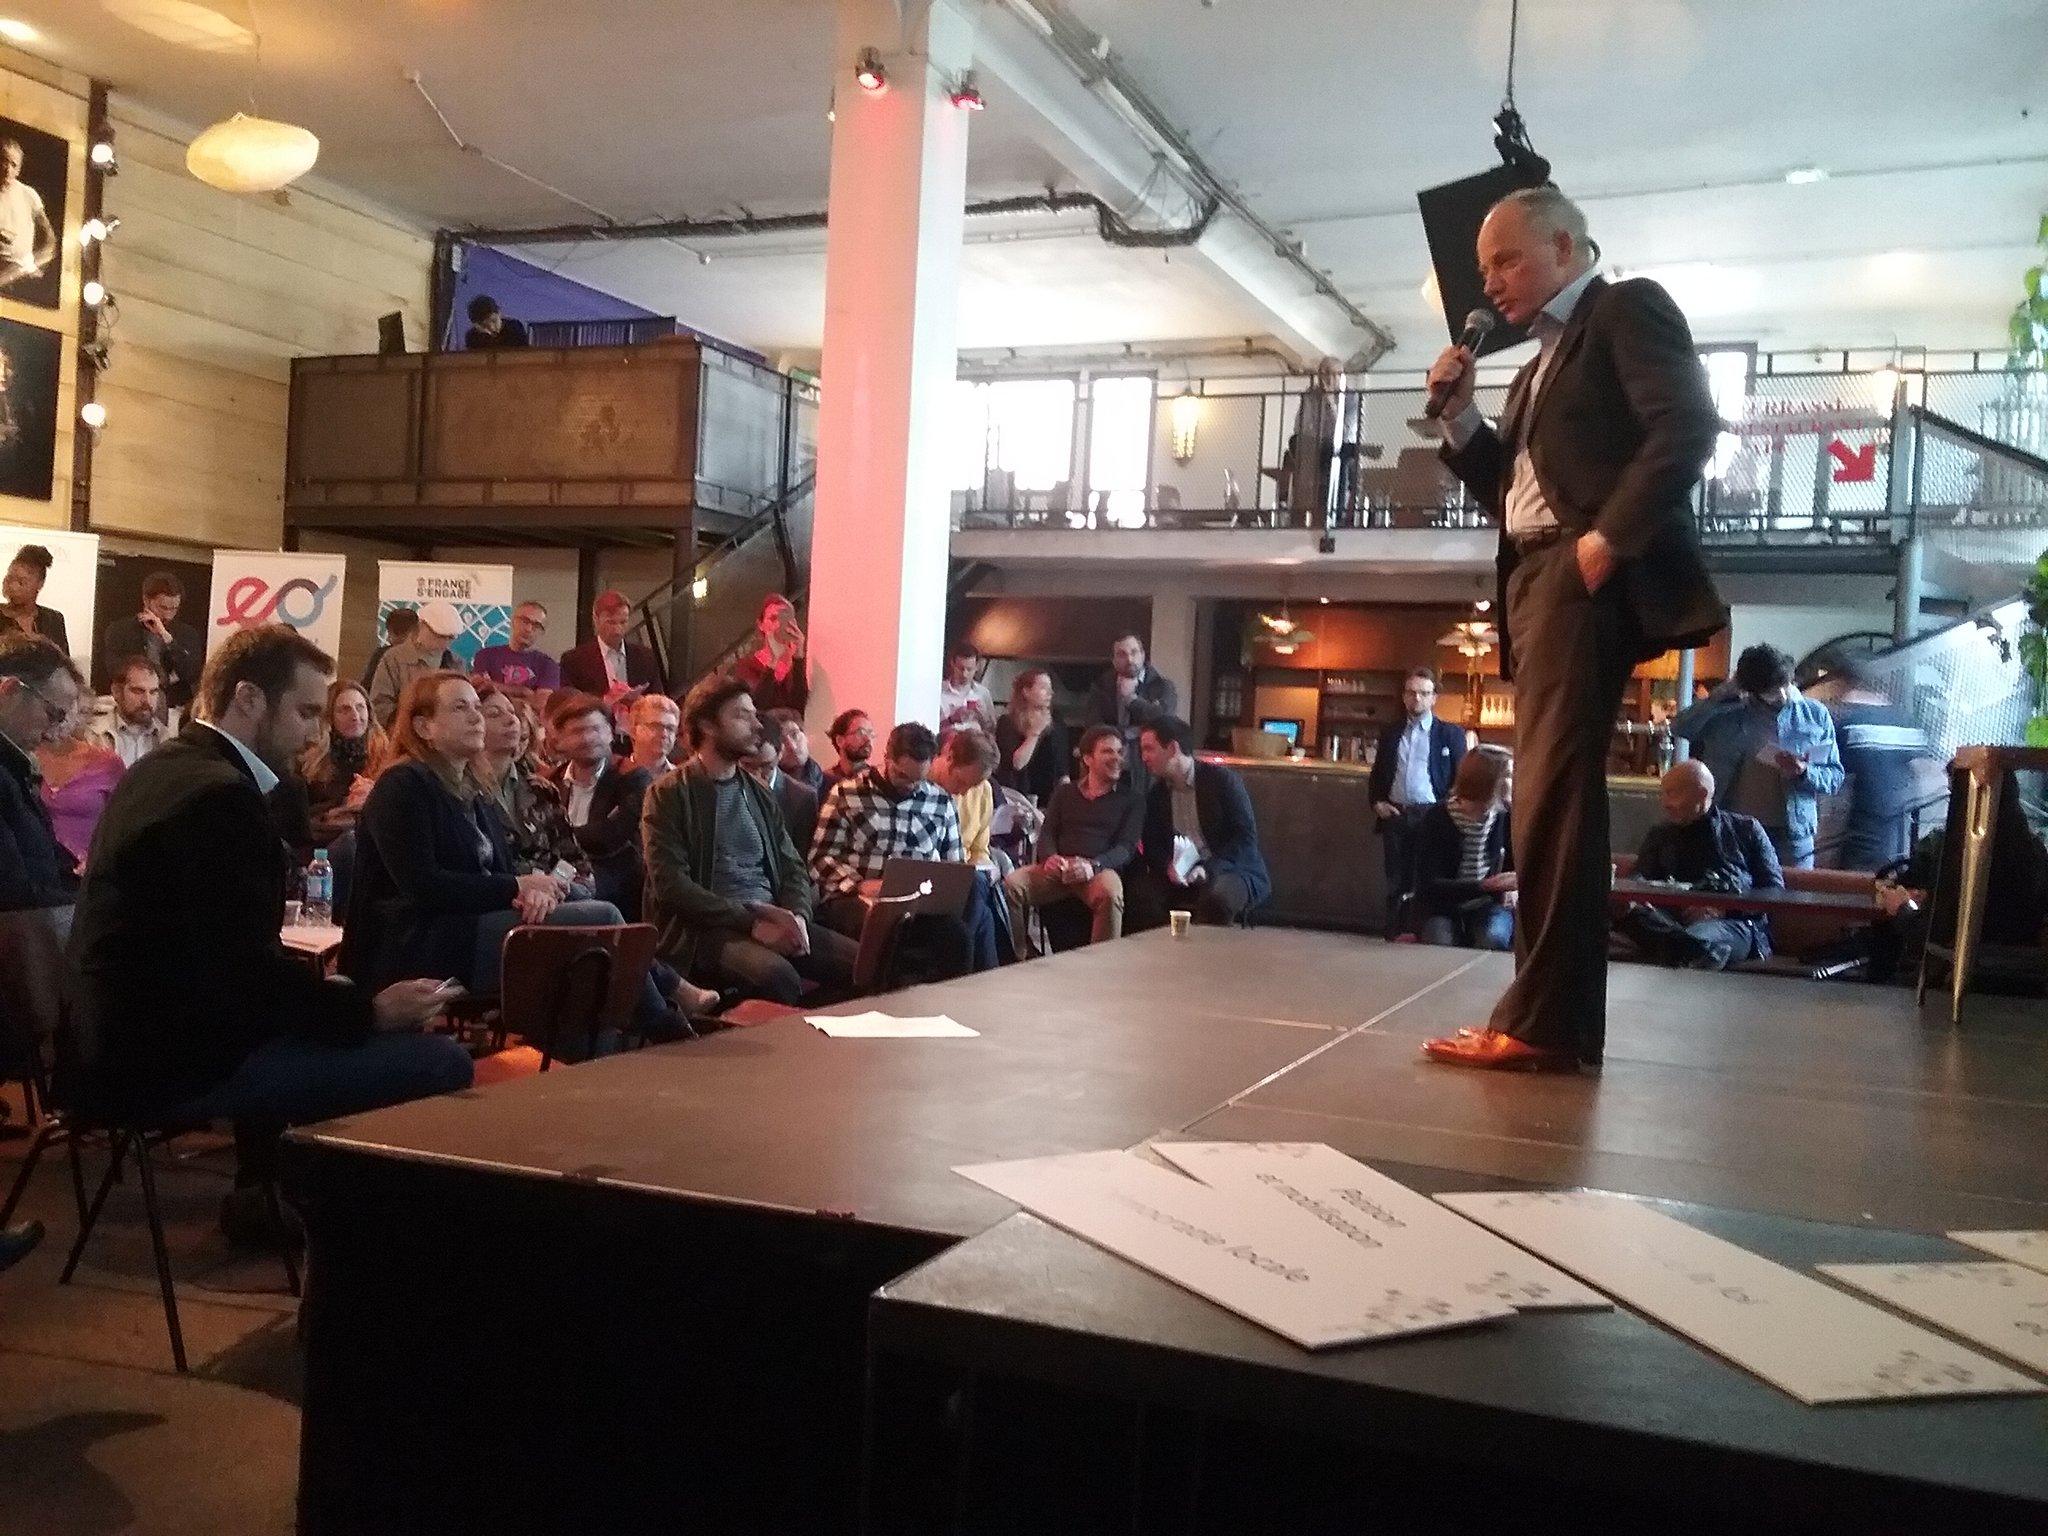 @Marc_LECERF s'est prêté au jeu en faisant un pitch auprès des participants du forum de la #CivicTech https://t.co/IZZnEdlKfi